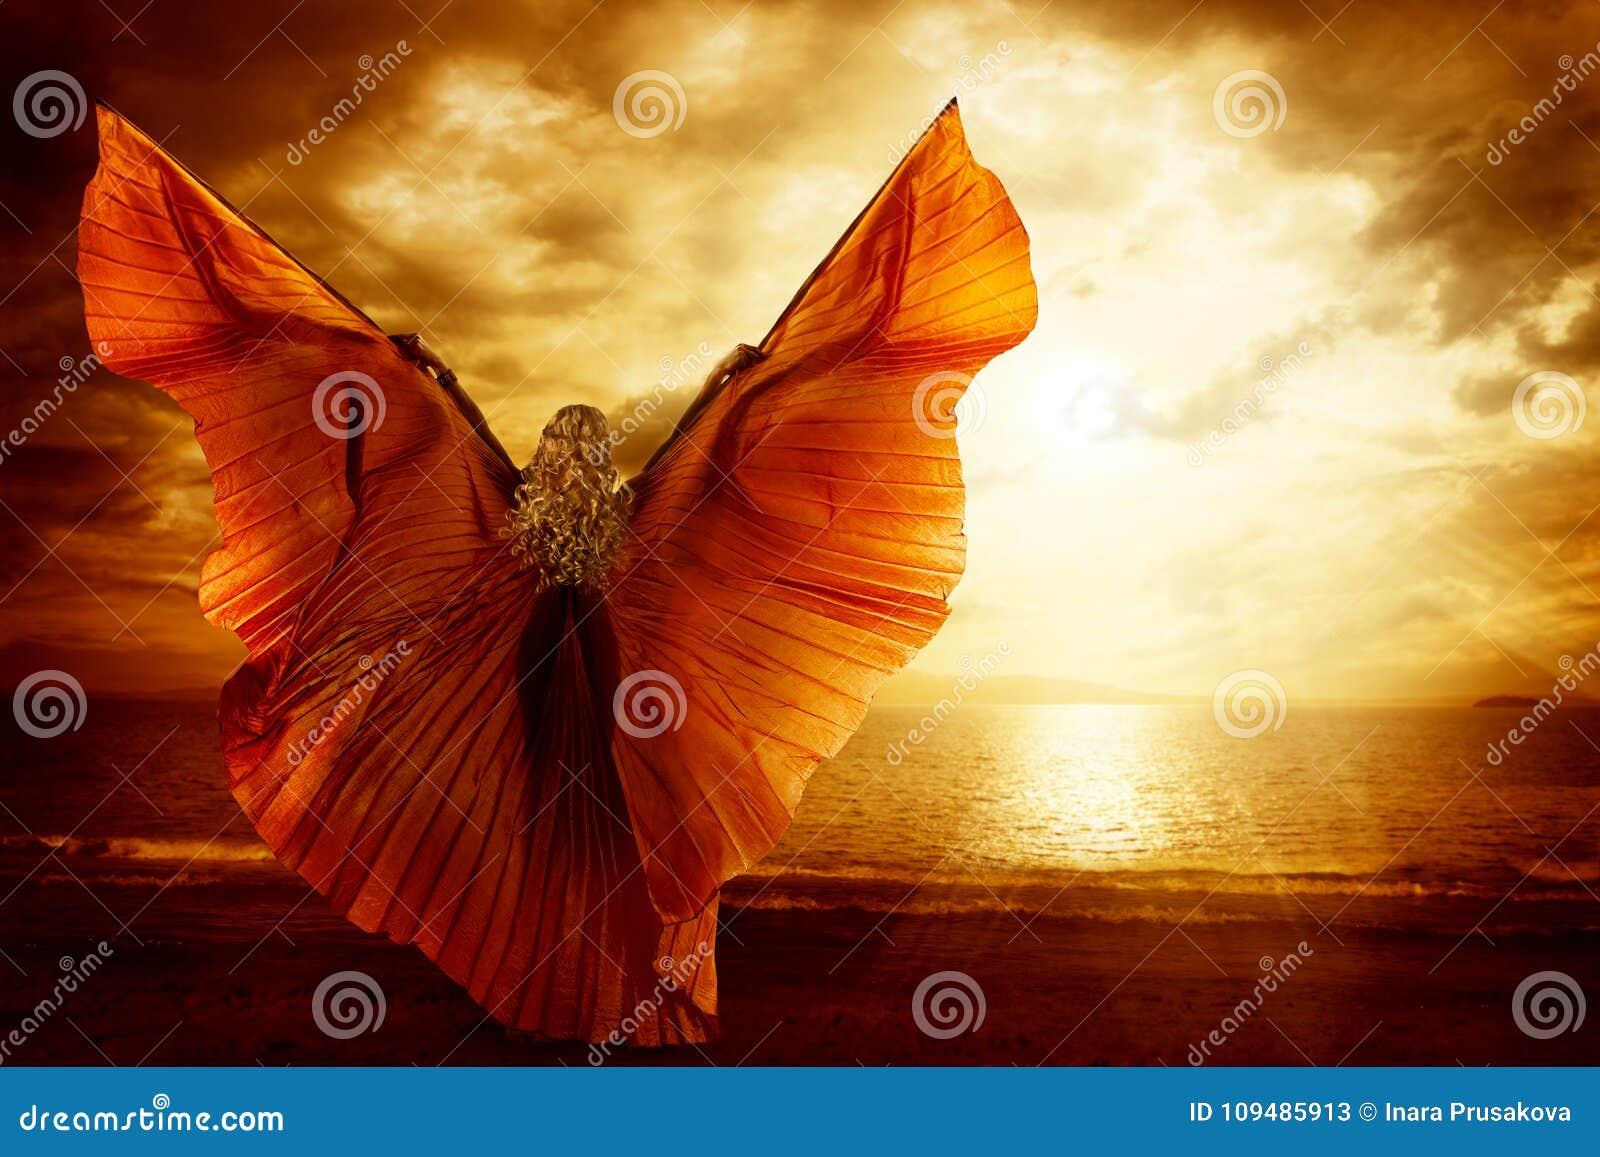 Woman Dancing Wings Dress, Fashion Art Model Flying on Ocean Sky